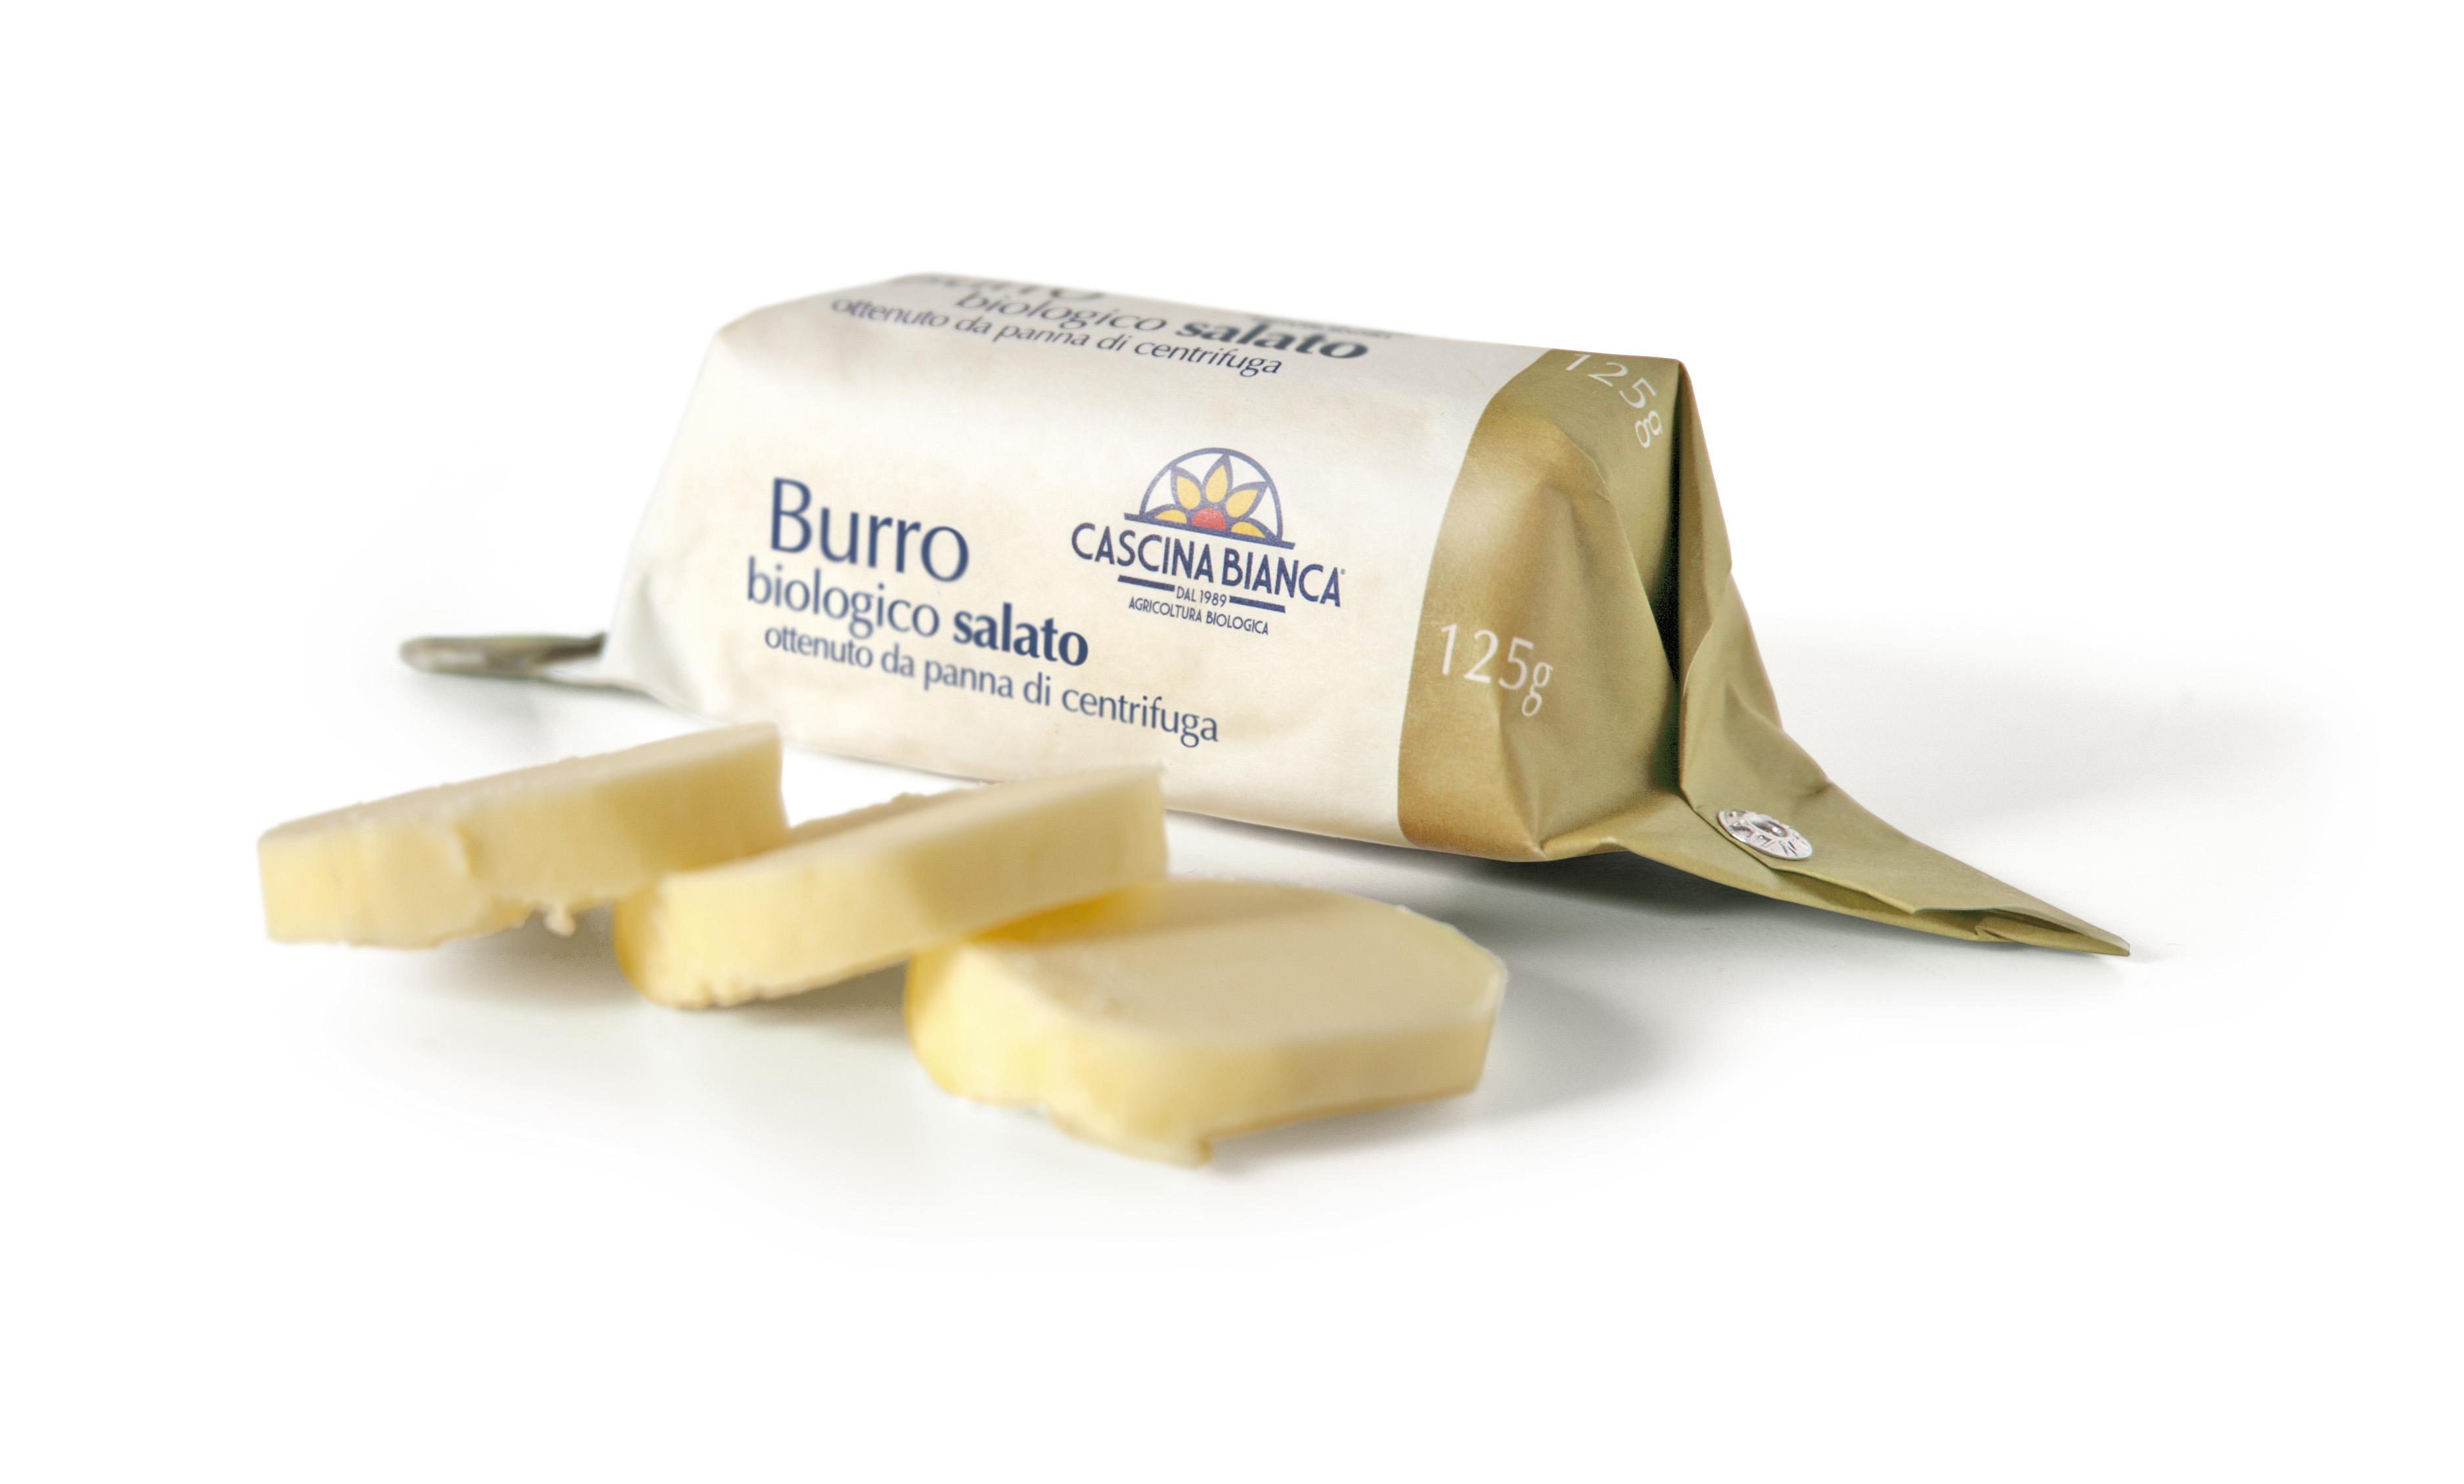 CascinaBianca_burro_salato_biologico2020